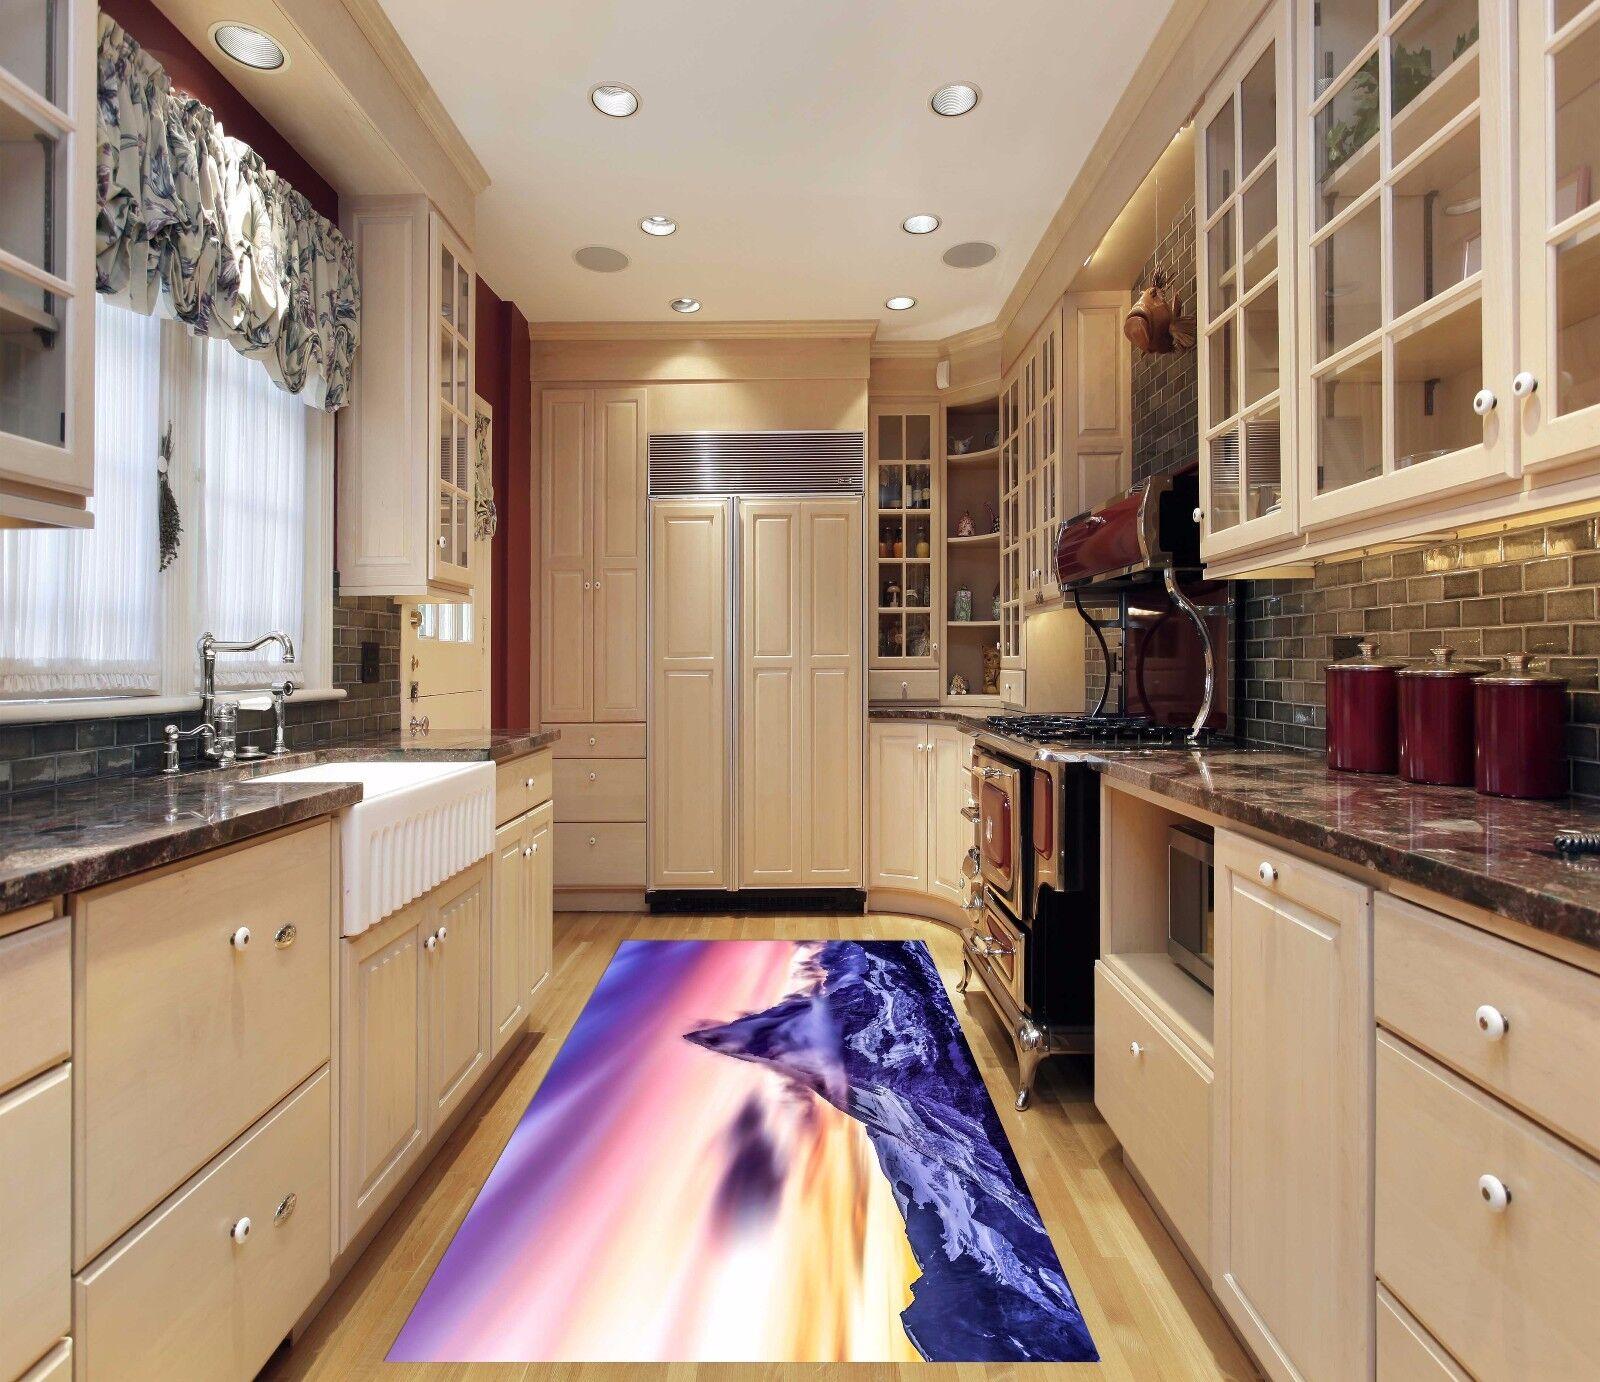 3D Sky Mountain 72 Kitchen Mat Floor Murals Wall Print Wall AJ WALLPAPER UK Kyra